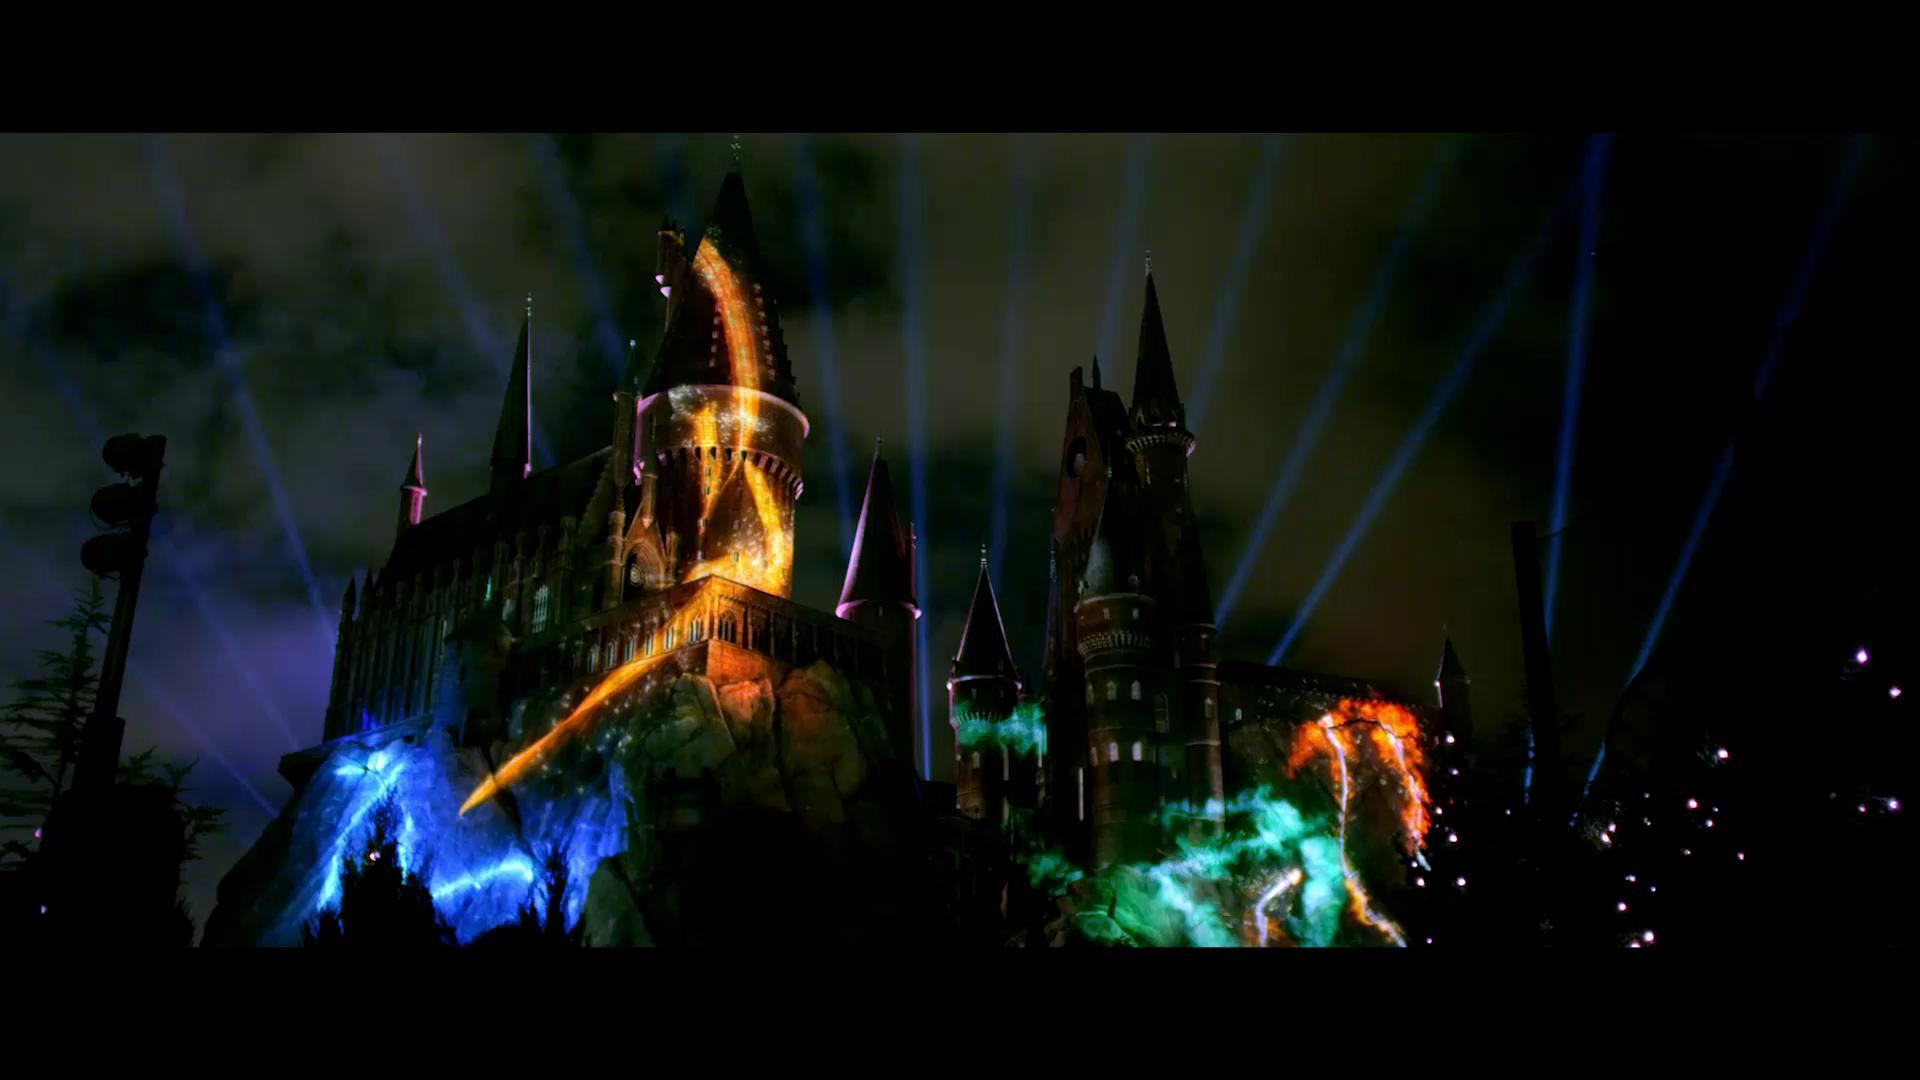 北京环球度假区发布哈利波特魔法世界主题大发3d